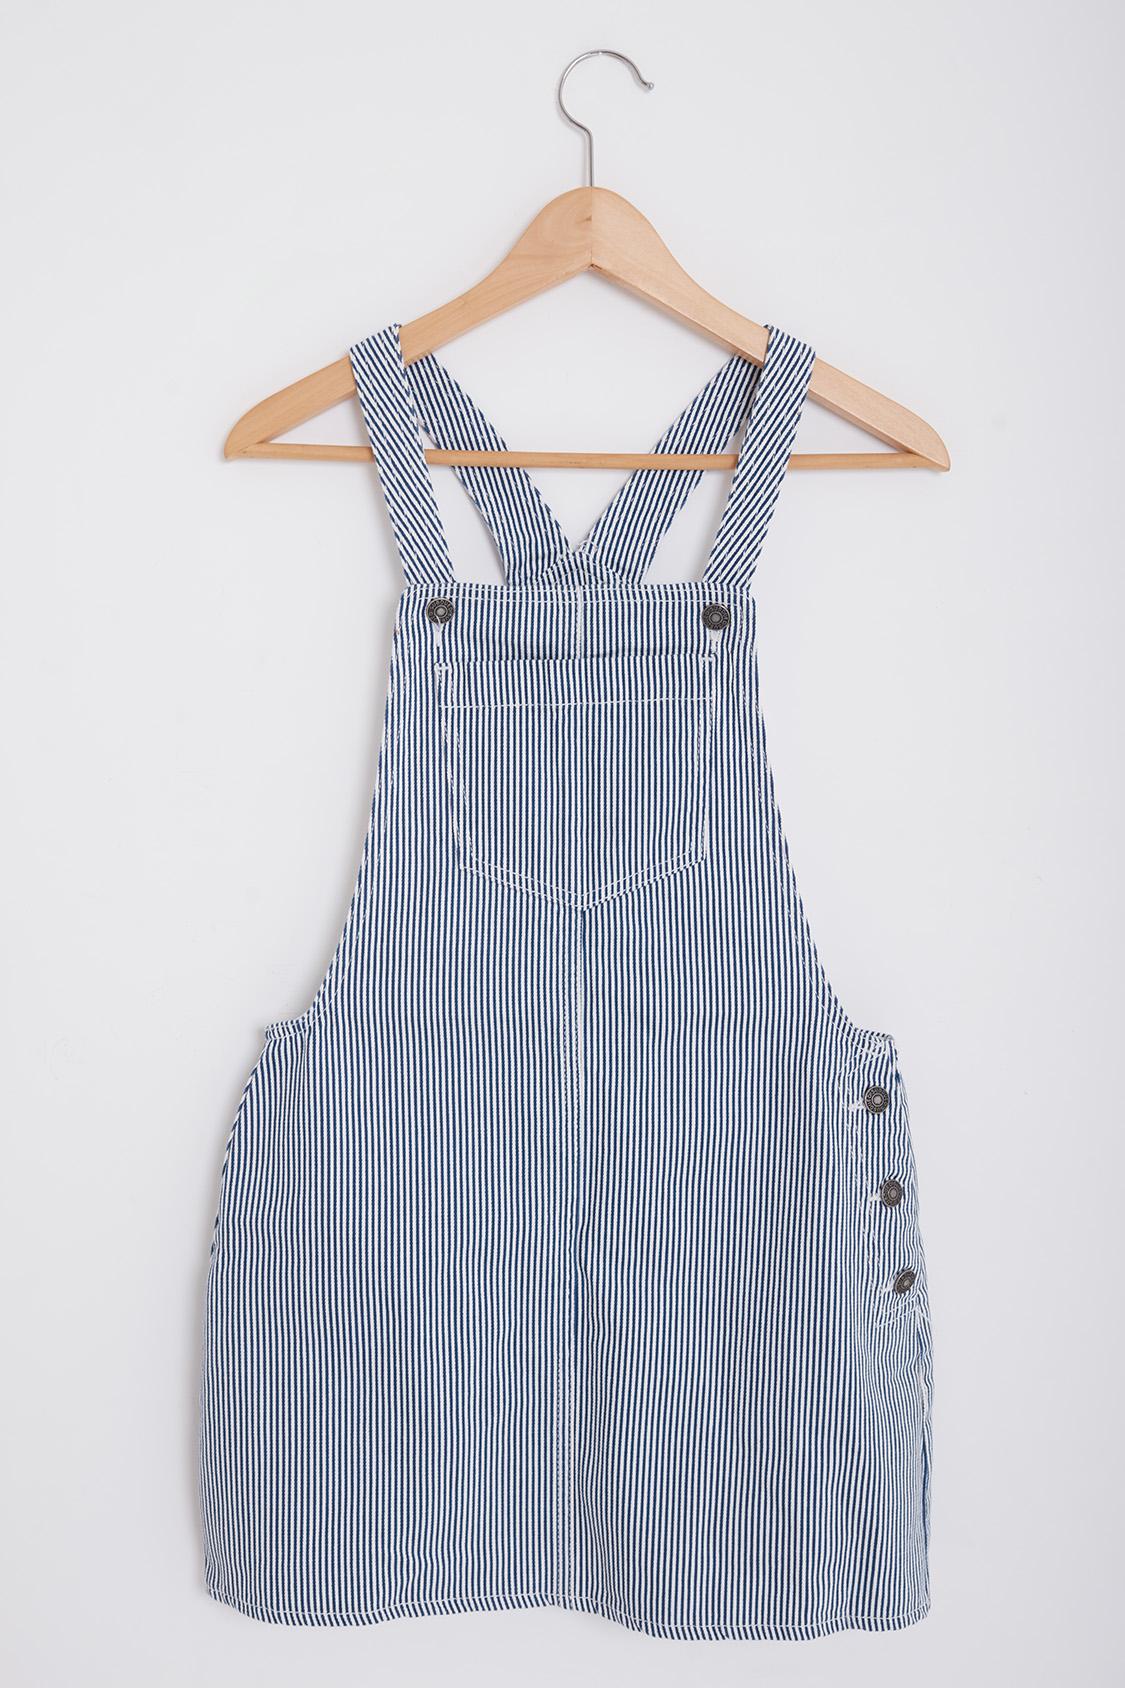 boy utterly stylish new list Striped dungaree dress